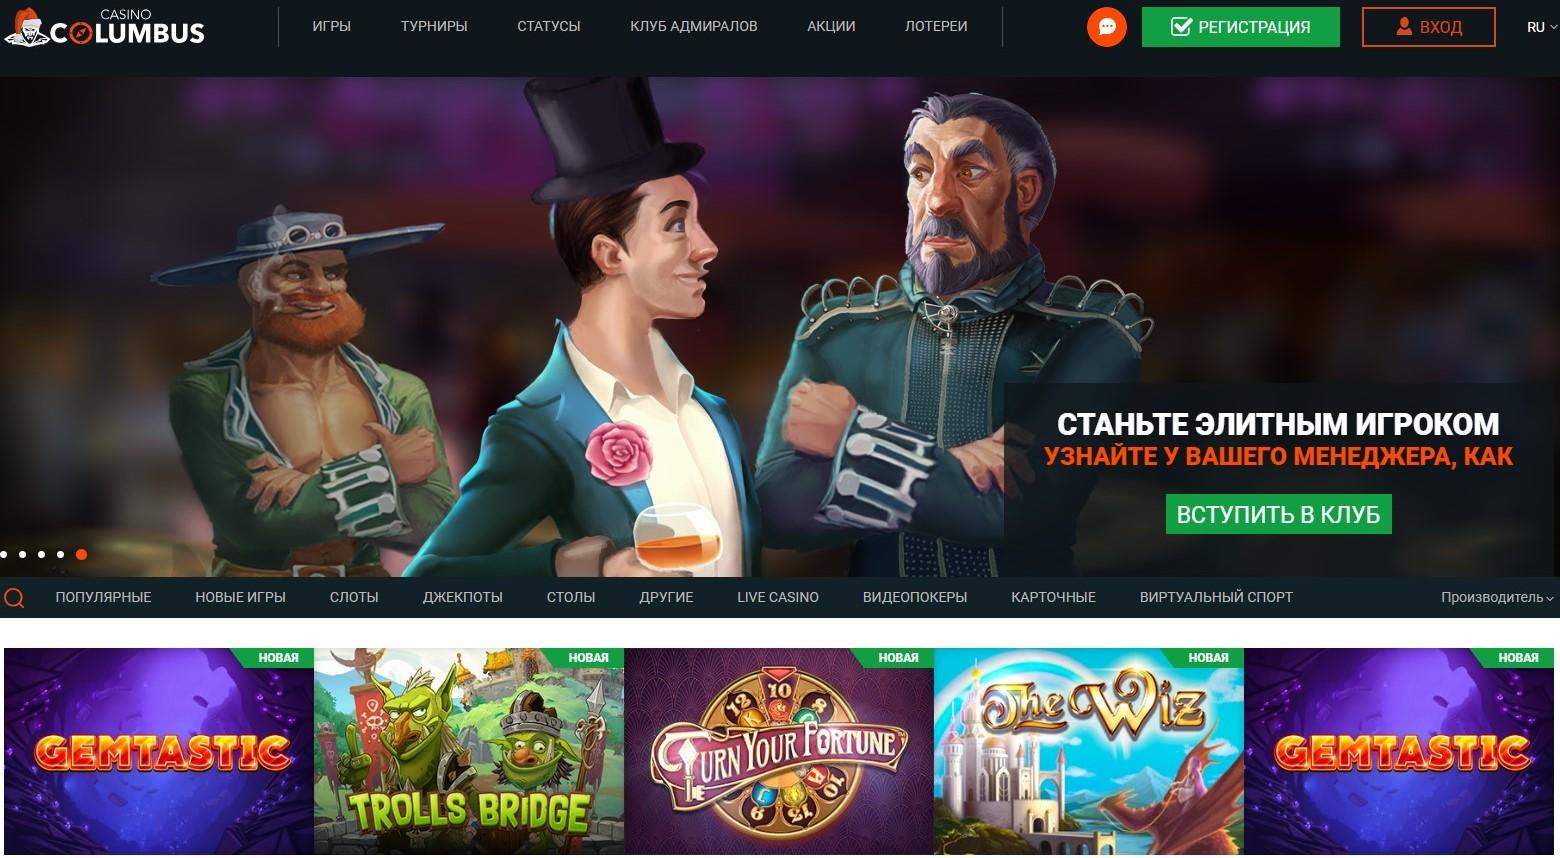 Главная страница Columbus Casino